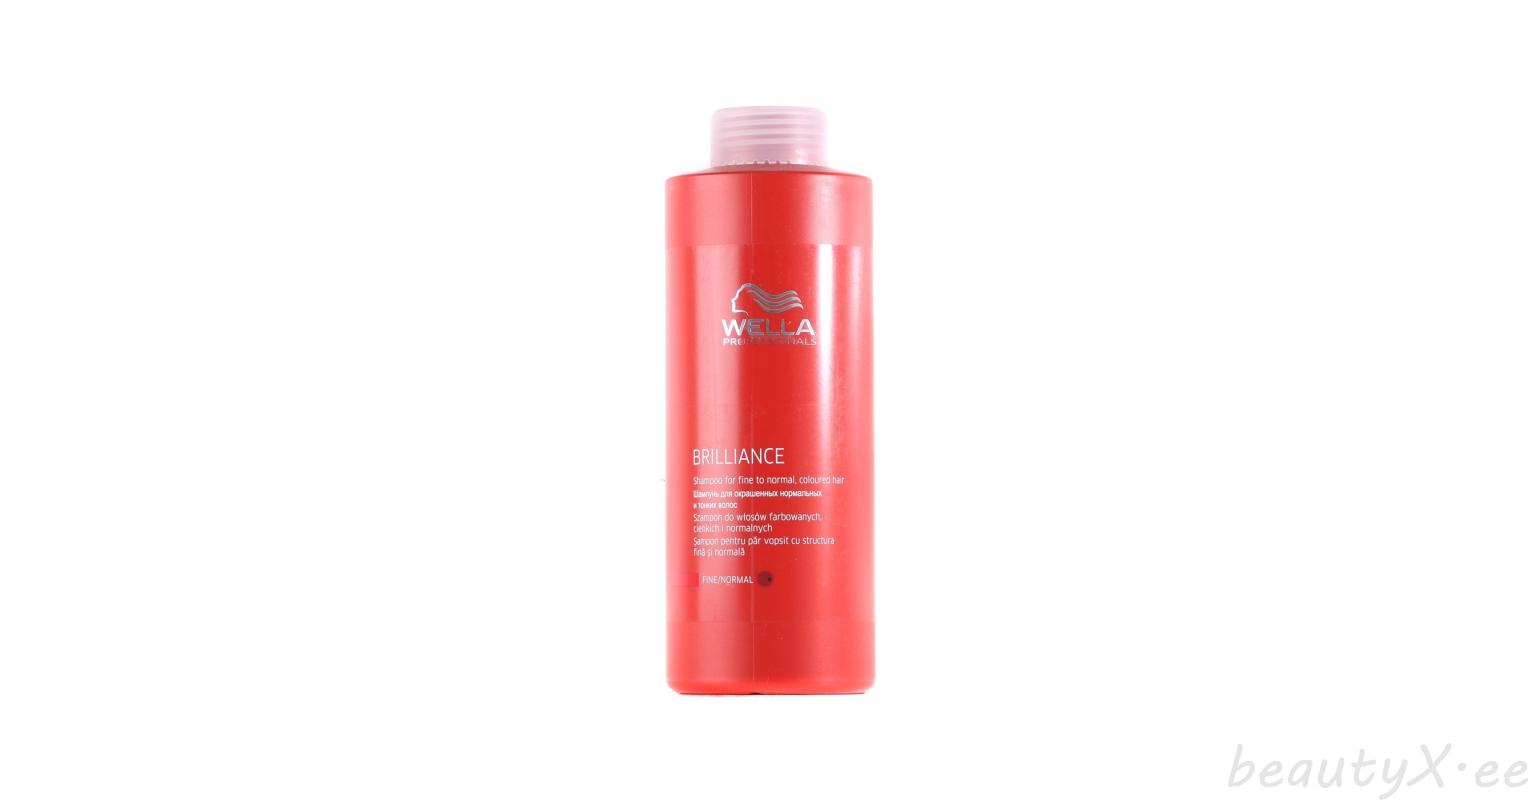 Wella Brilliance шампунь для окрашенных нормальных и тонких волос